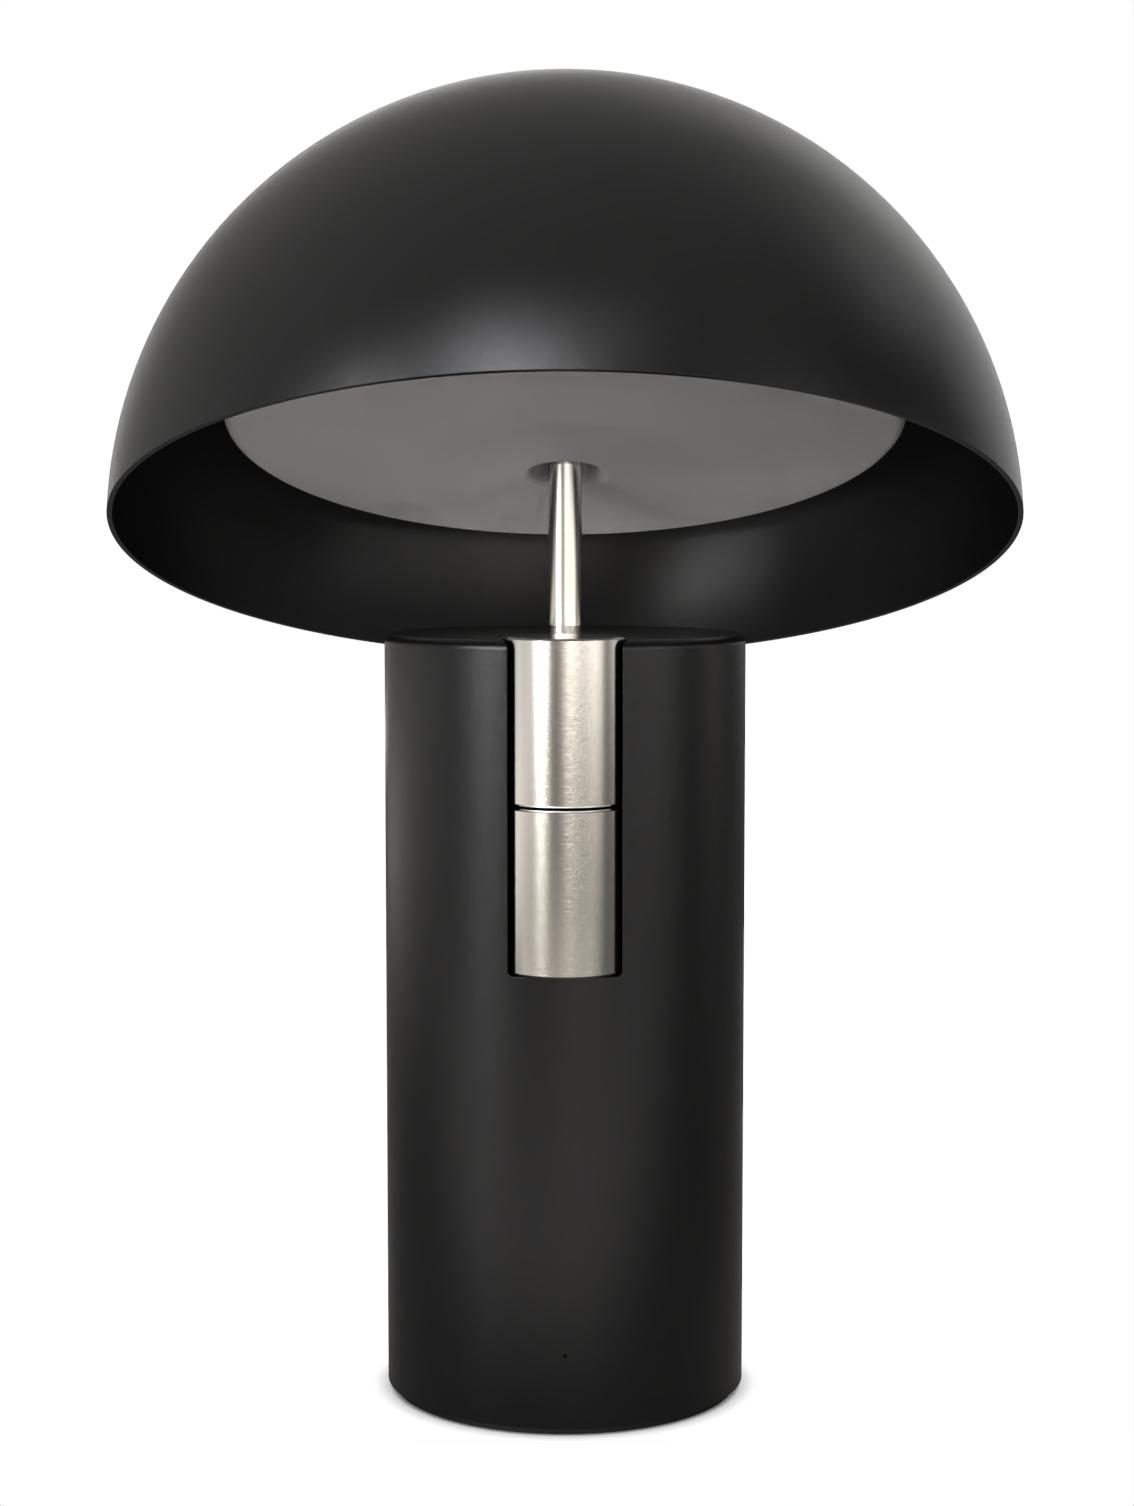 Alto Luminaire Acoustique Lampe Enceinte Jaune Fabrique Noir Nickel